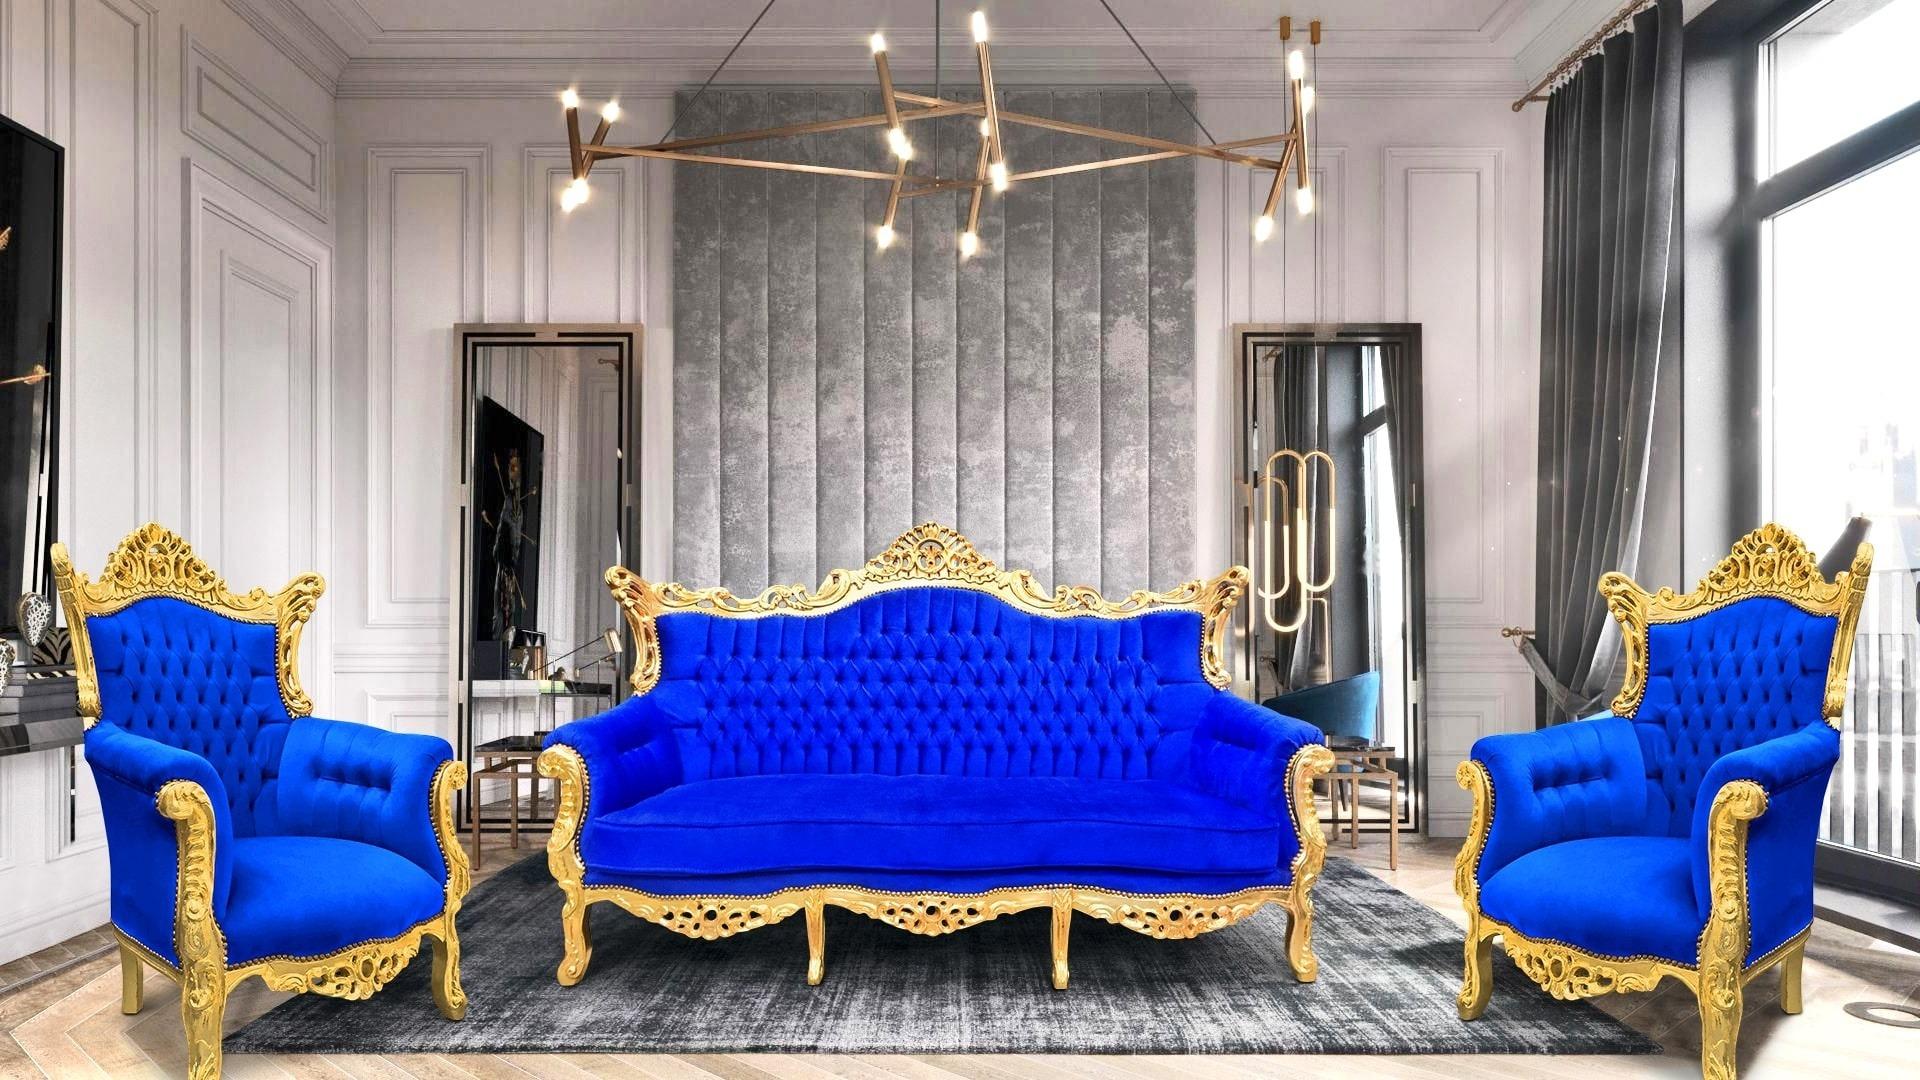 Mobilier baroque bleu doré